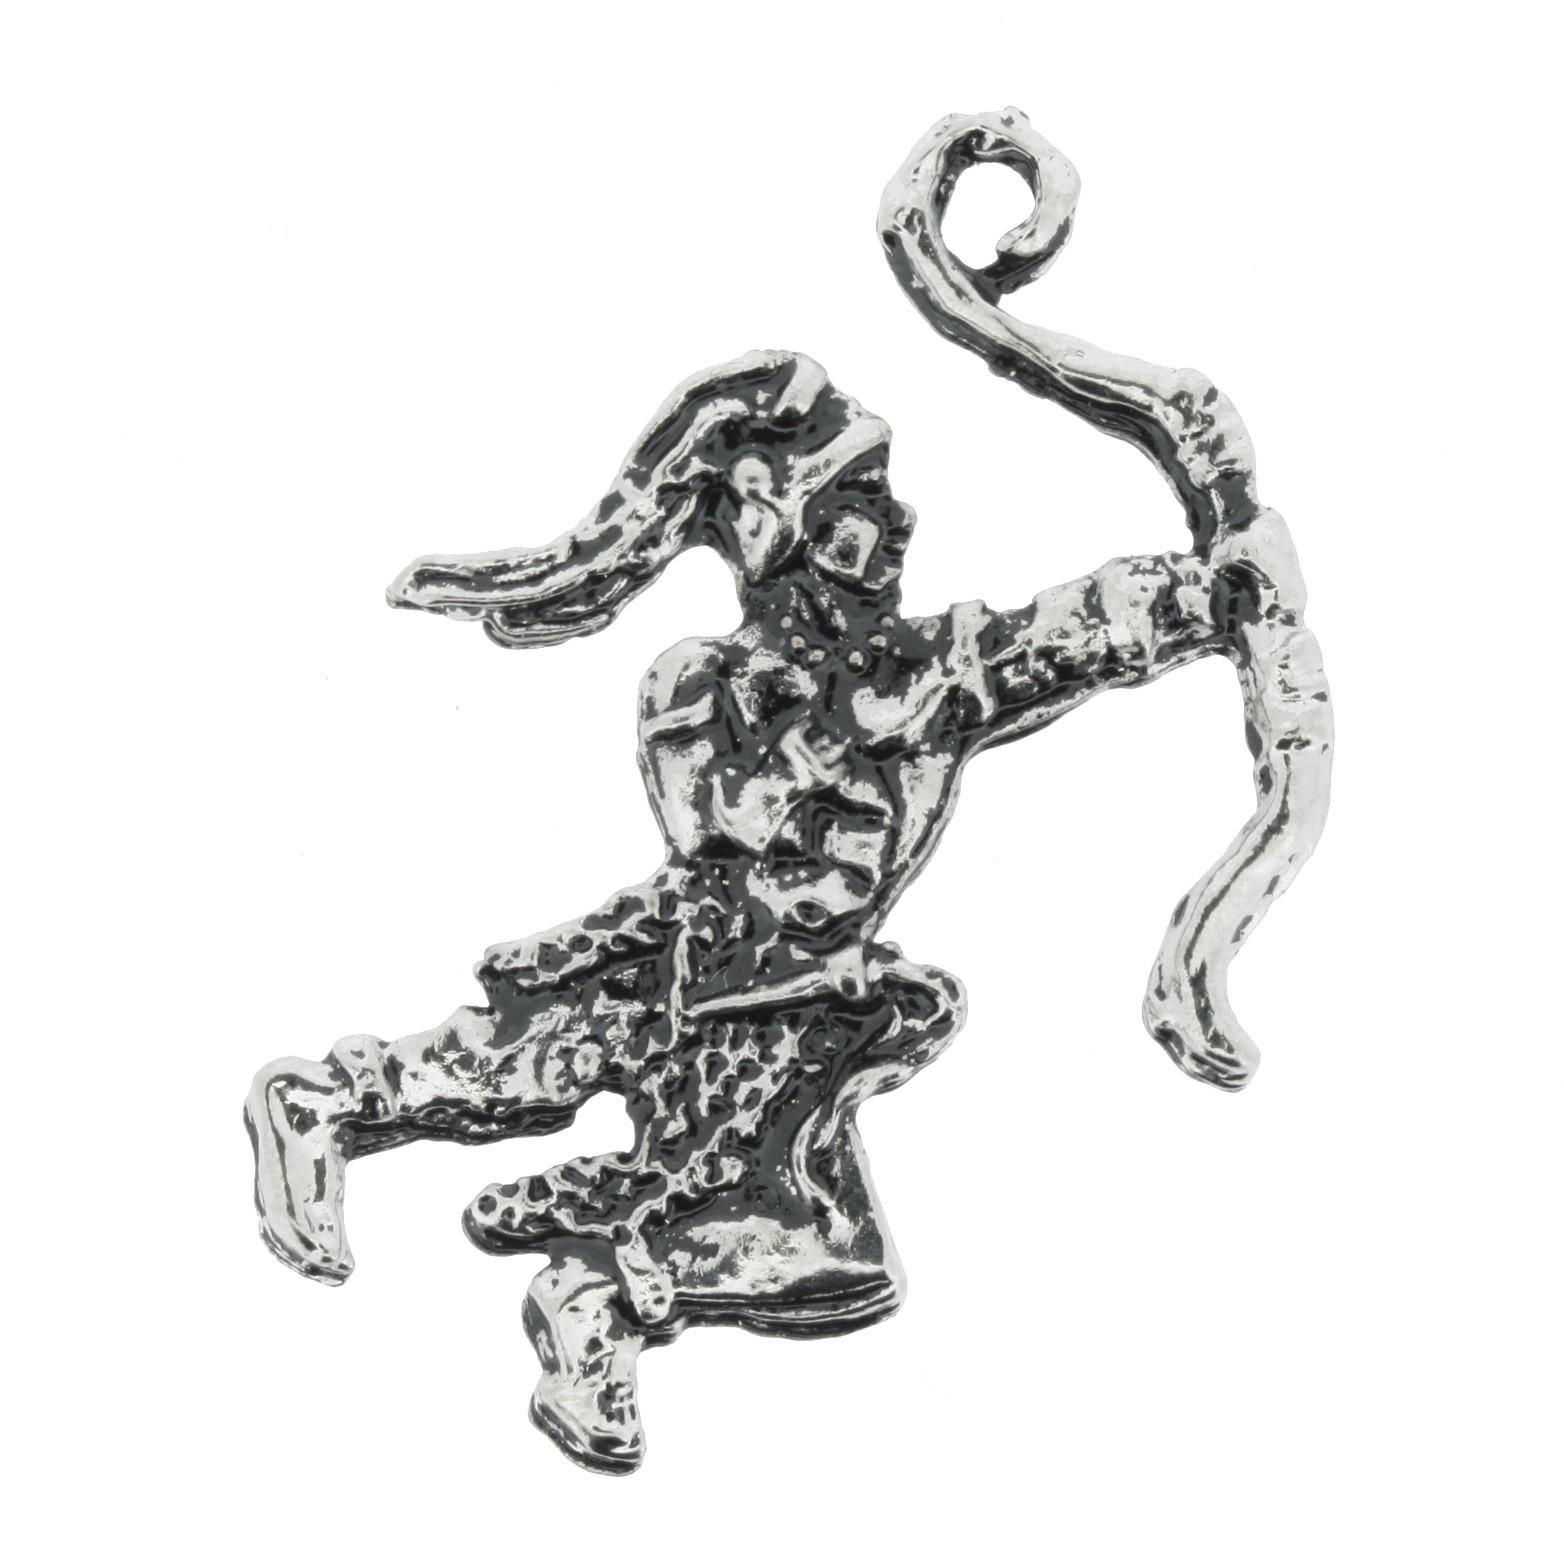 Oxóssi - Níquel Velho - 43mm  - Universo Religioso® - Artigos de Umbanda e Candomblé